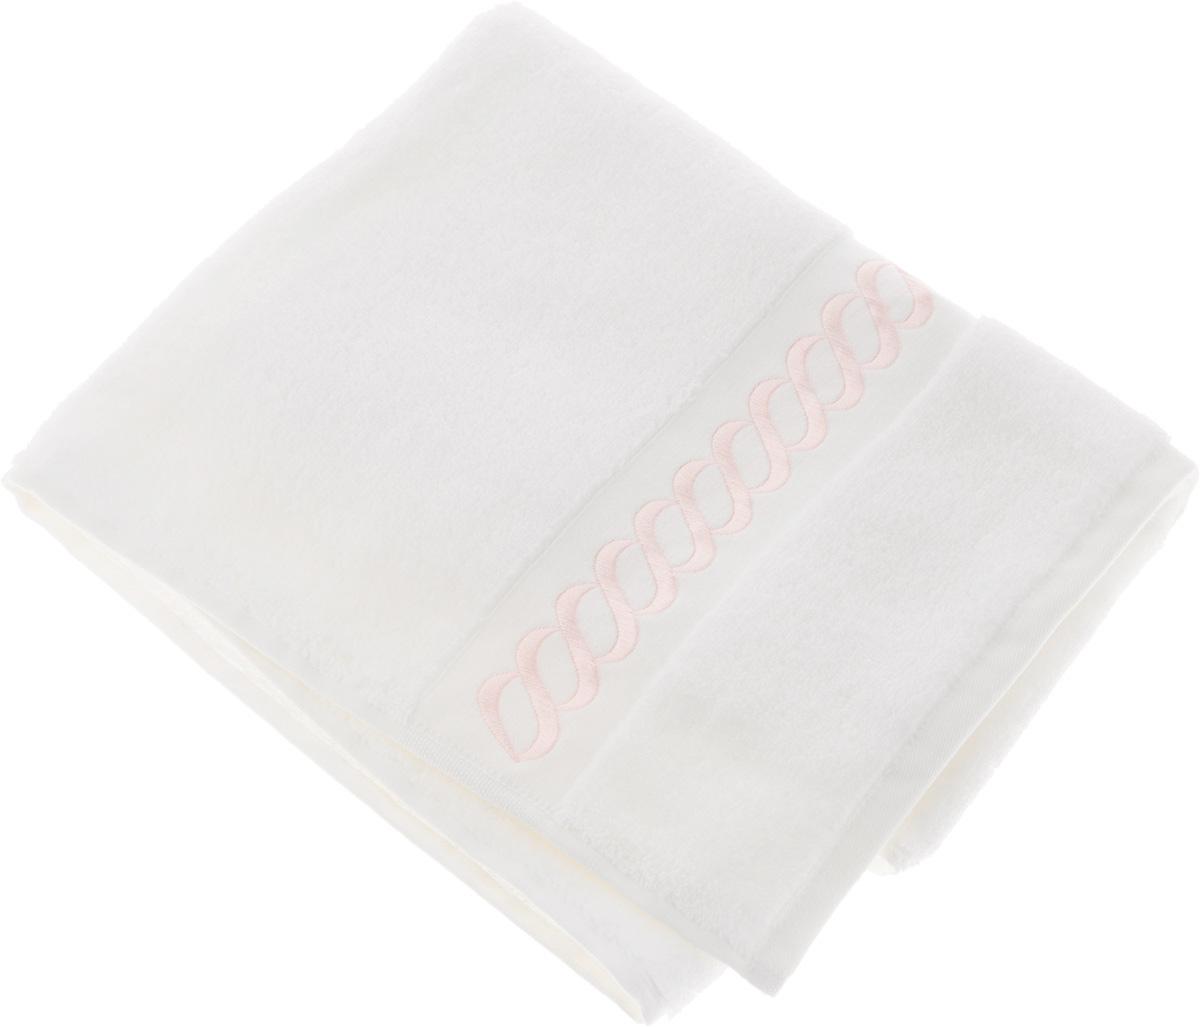 Полотенце махровое Issimo Home Pauline, цвет: белый, розовый, 90 x 150 см68/5/1Полотенце Issimo Home Pauline выполнено из натуральной махровой ткани (100% хлопок). Изделие отлично впитывает влагу, быстро сохнет и не теряет форму даже после многократных стирок. Рекомендации по уходу:- режим стирки при 40°C,- допускается обычная химчистка,- отбеливание запрещено,- глажка при температуре подошвы утюга до 110°С,- барабанный отжим запрещен.Размер полотенца: 90 x 150 см.